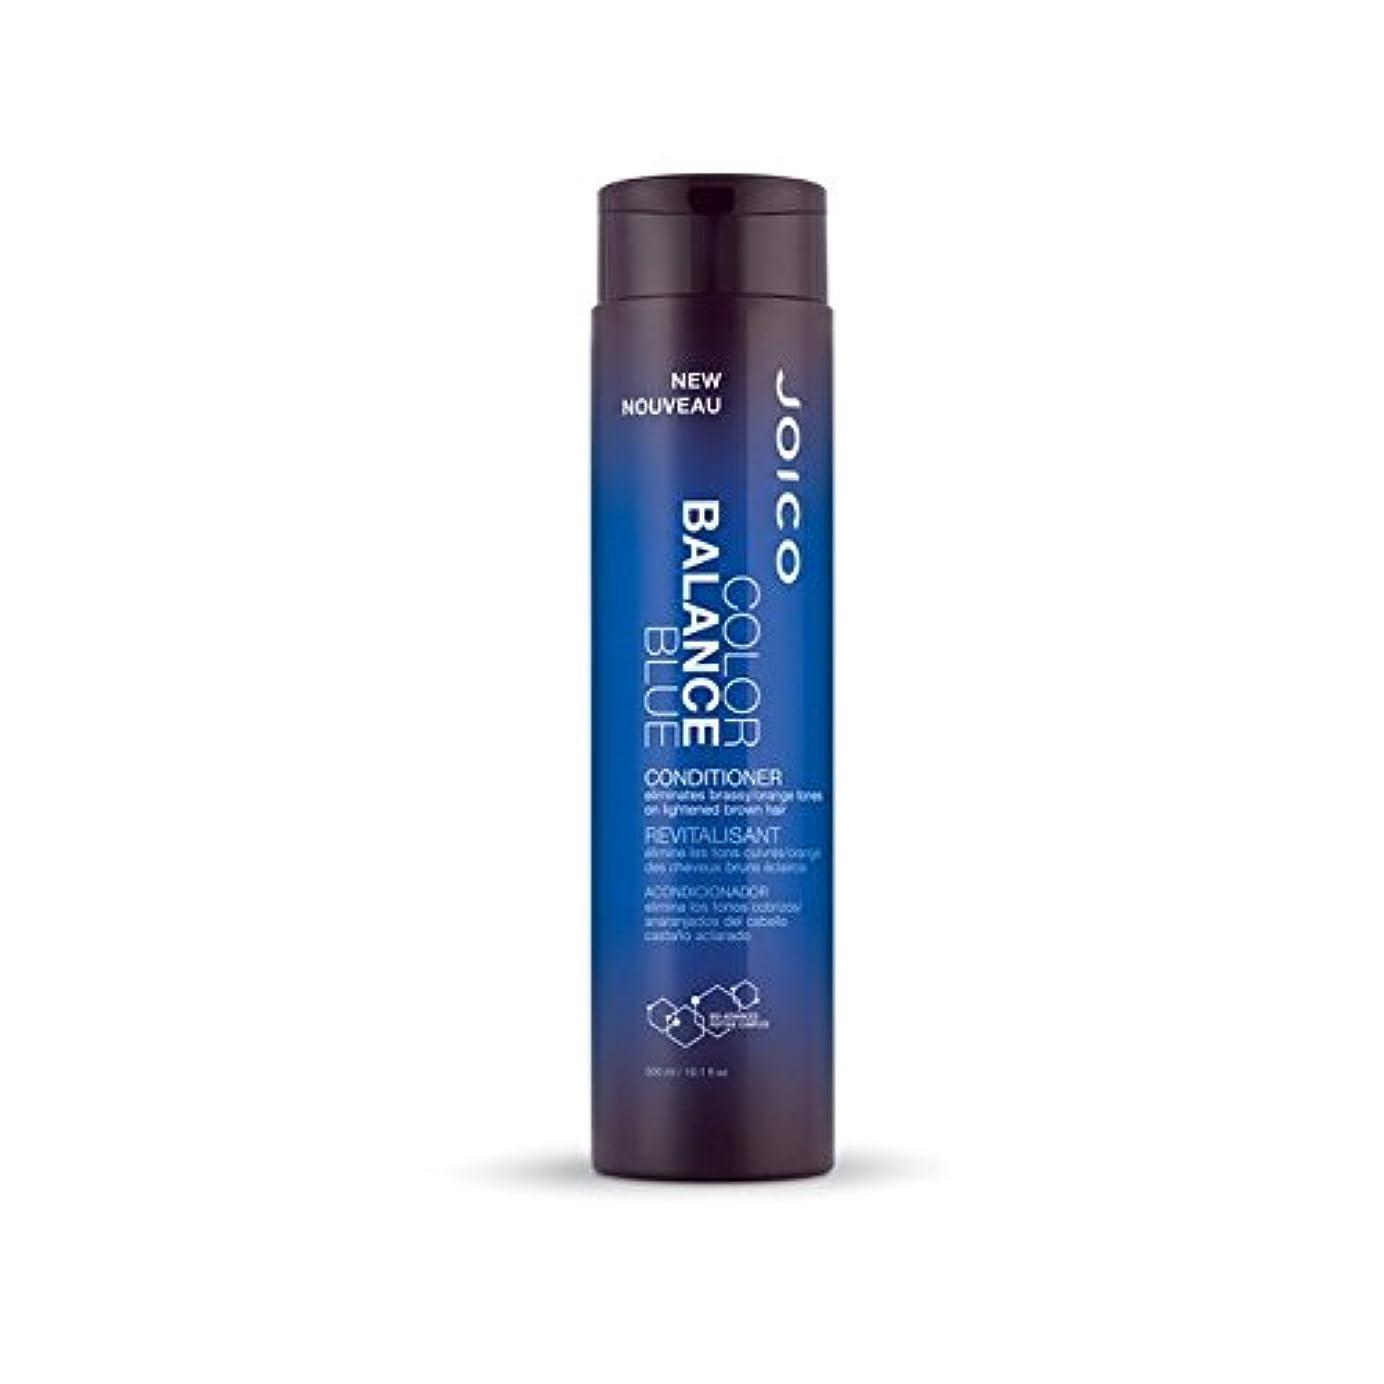 パーツ肘技術ジョイコカラーバランスブルーコンディショナー300ミリリットル x4 - Joico Color Balance Blue Conditioner 300ml (Pack of 4) [並行輸入品]